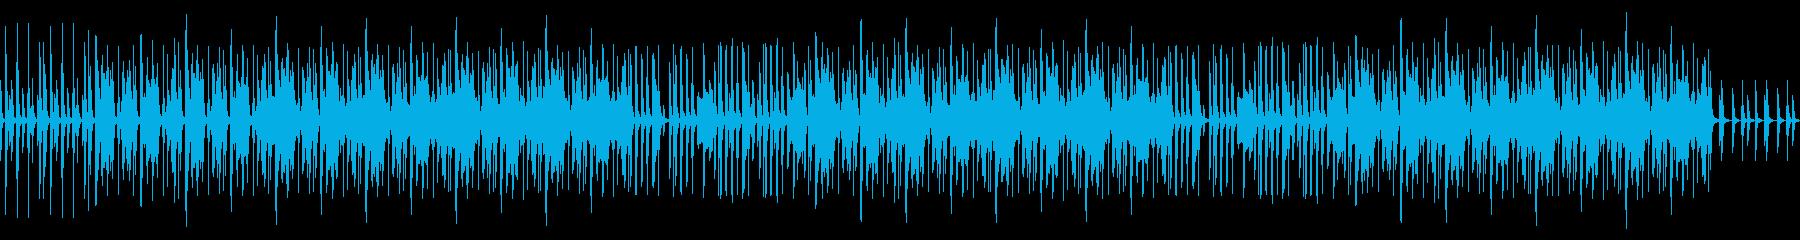 わくわく楽しいYouTubeオープニングの再生済みの波形